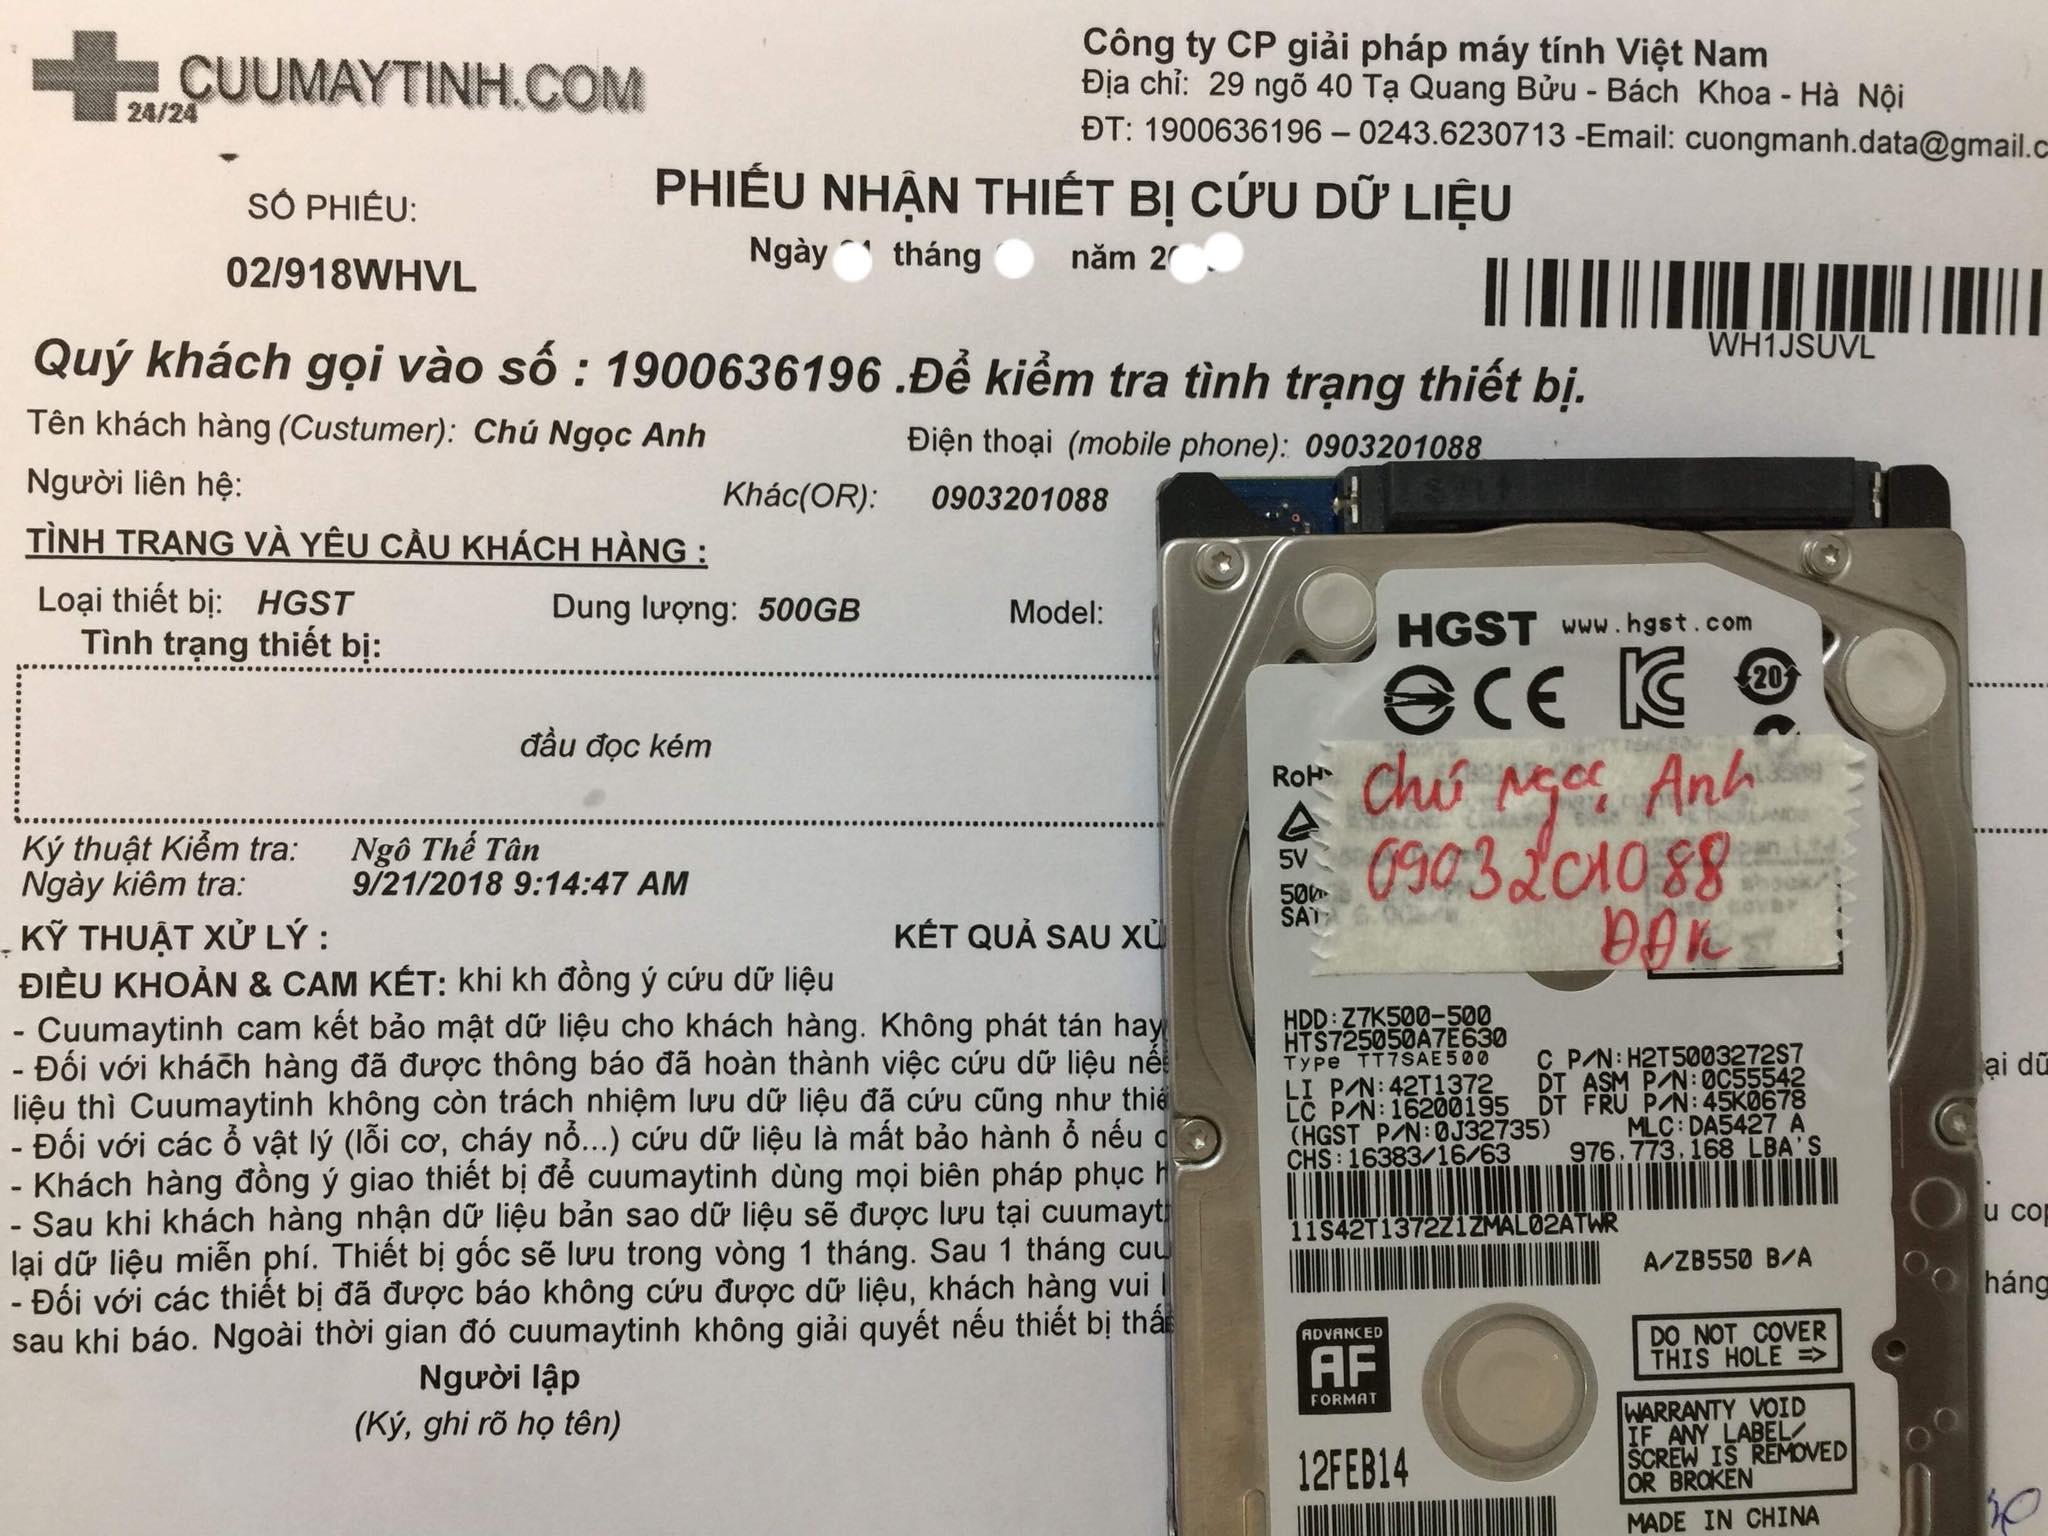 Cứu dữ liệu ổ cứng HGST 500GB đầu đọc kém 23/02/2019 - cuumaytinh